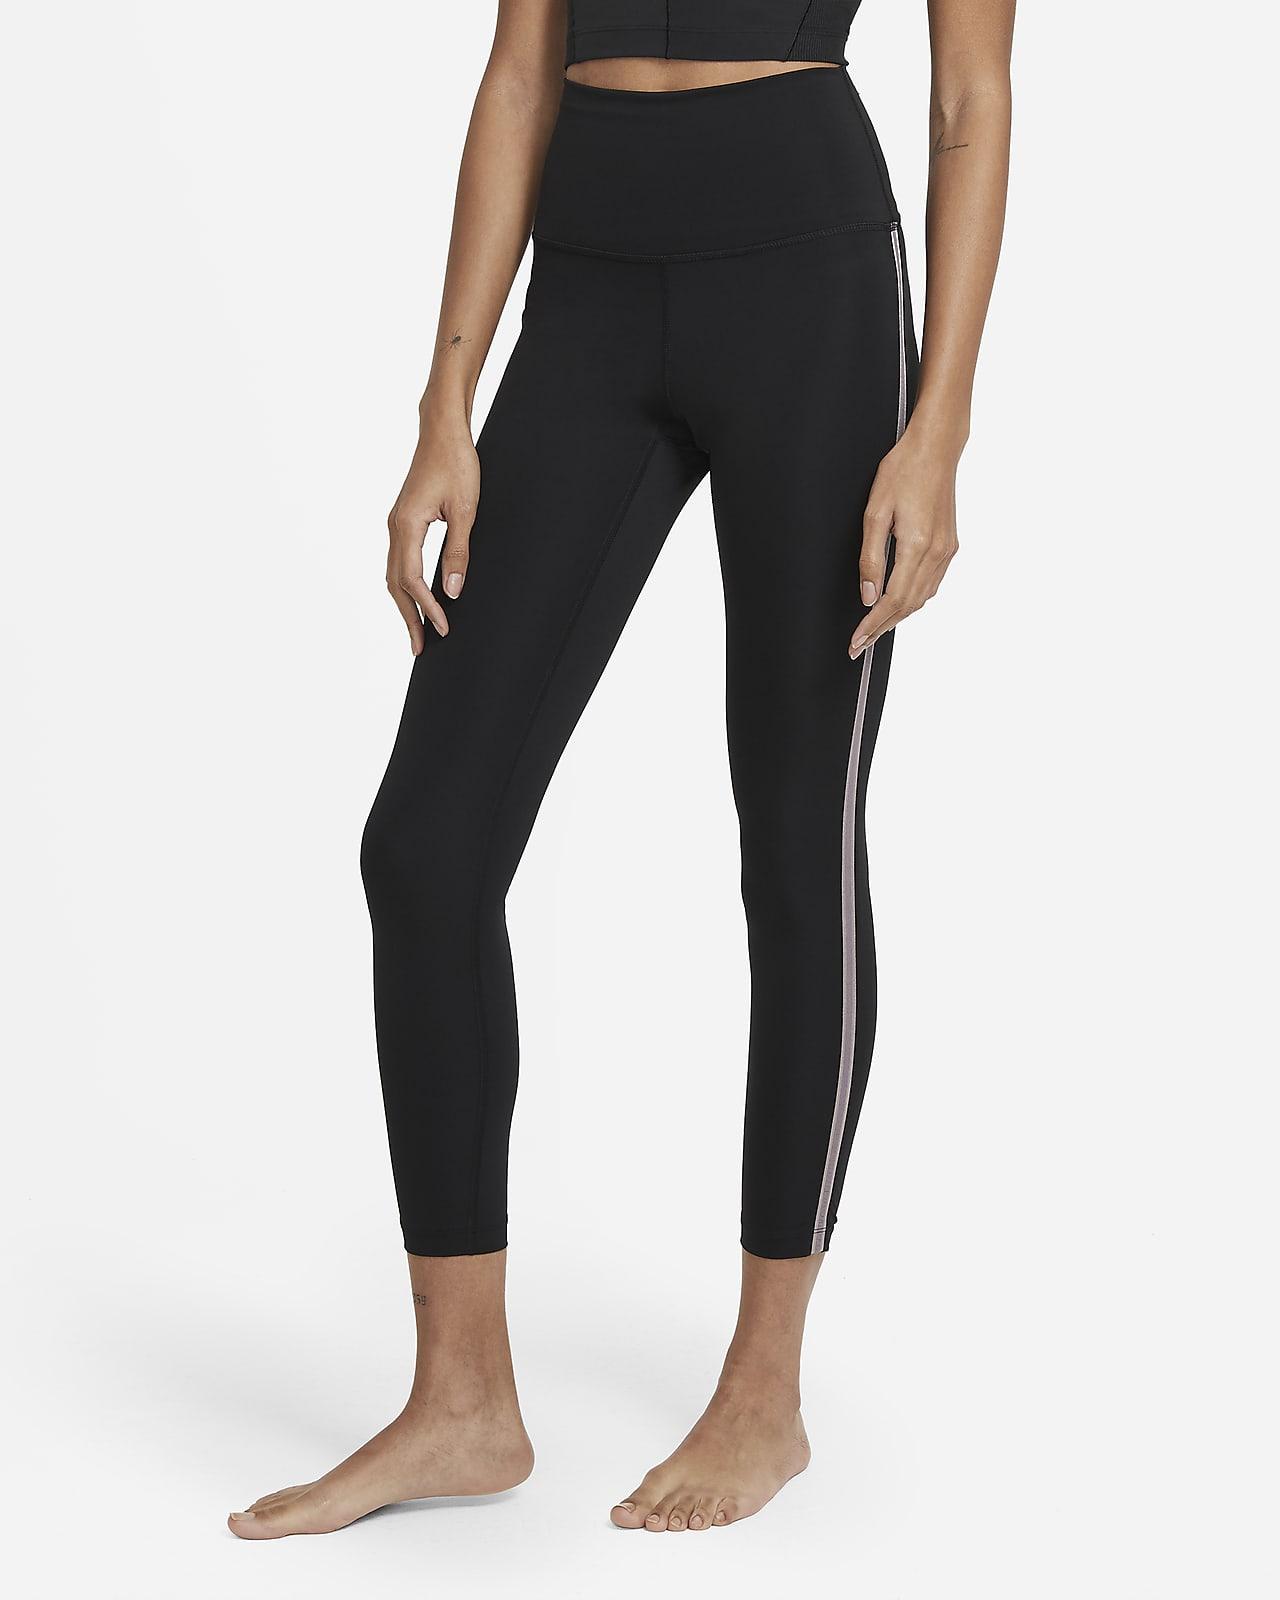 Женские слегка укороченные леггинсы с высокой посадкой Nike Yoga Novelty